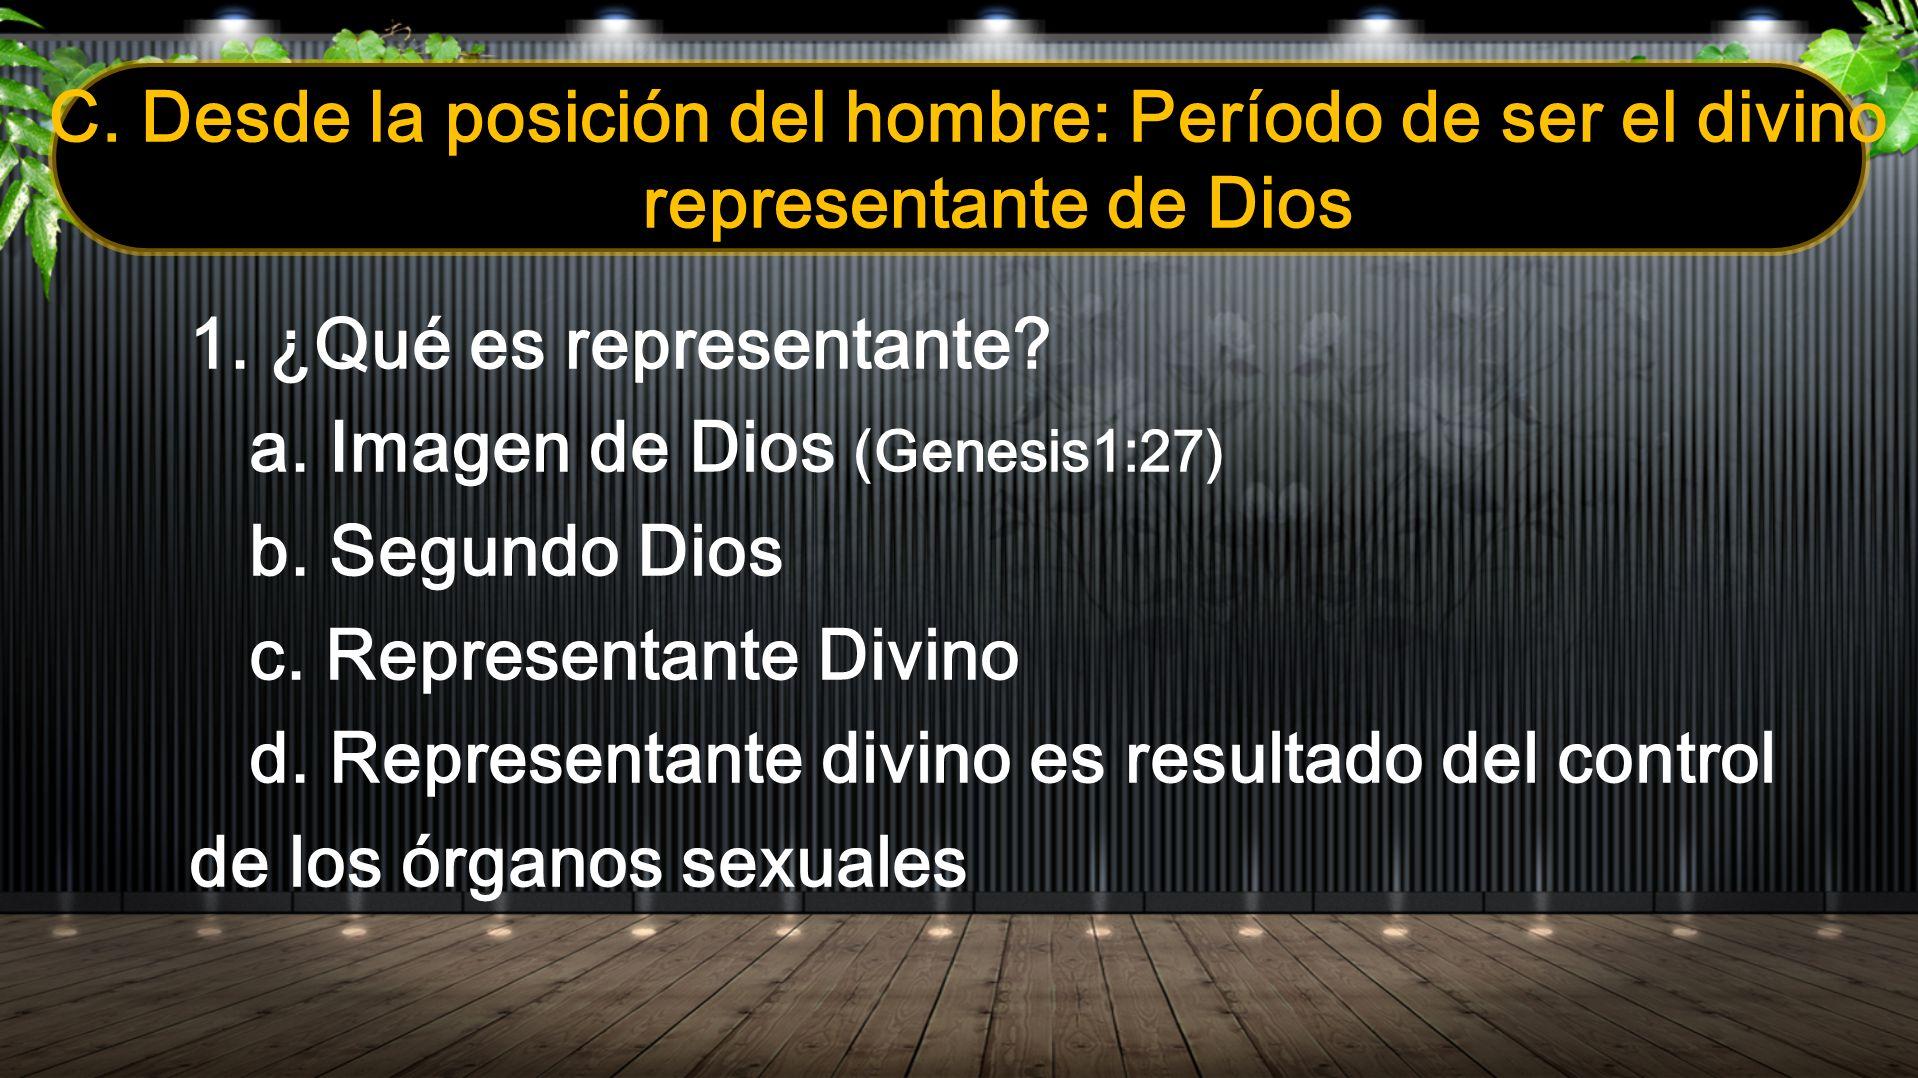 C. Desde la posición del hombre: Período de ser el divino representante de Dios 1. ¿Qué es representante? a. Imagen de Dios (Genesis1:27) b. Segundo D